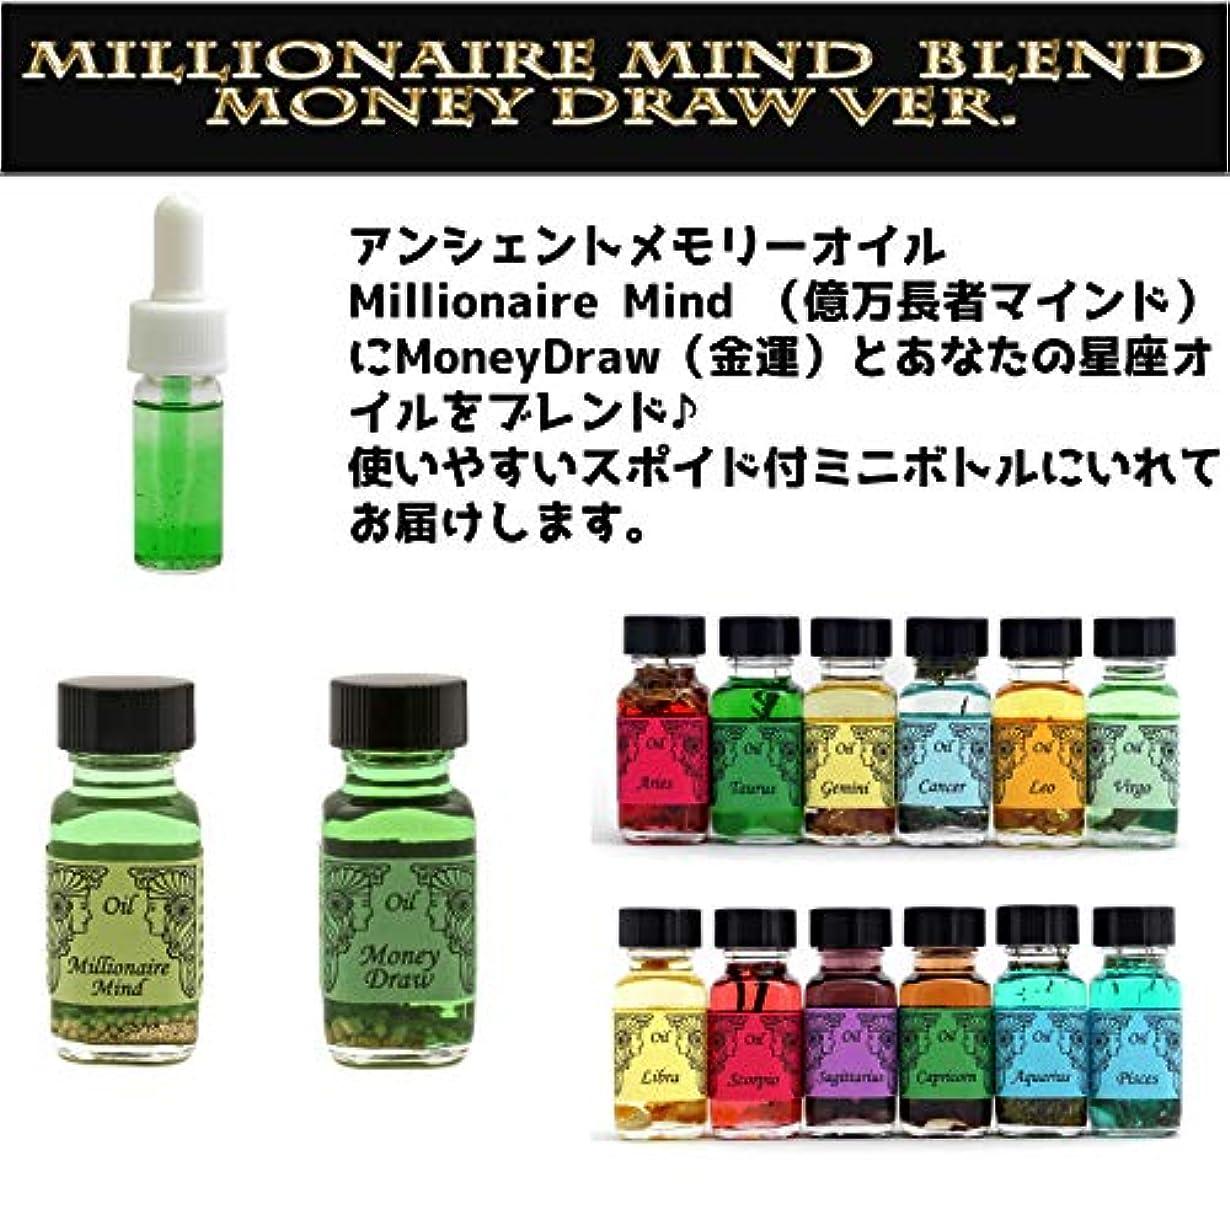 計画的速記医学アンシェントメモリーオイル Millionaire Mind 億万長者マインド ブレンド(Money Drawマネードロー(金運)&しし座